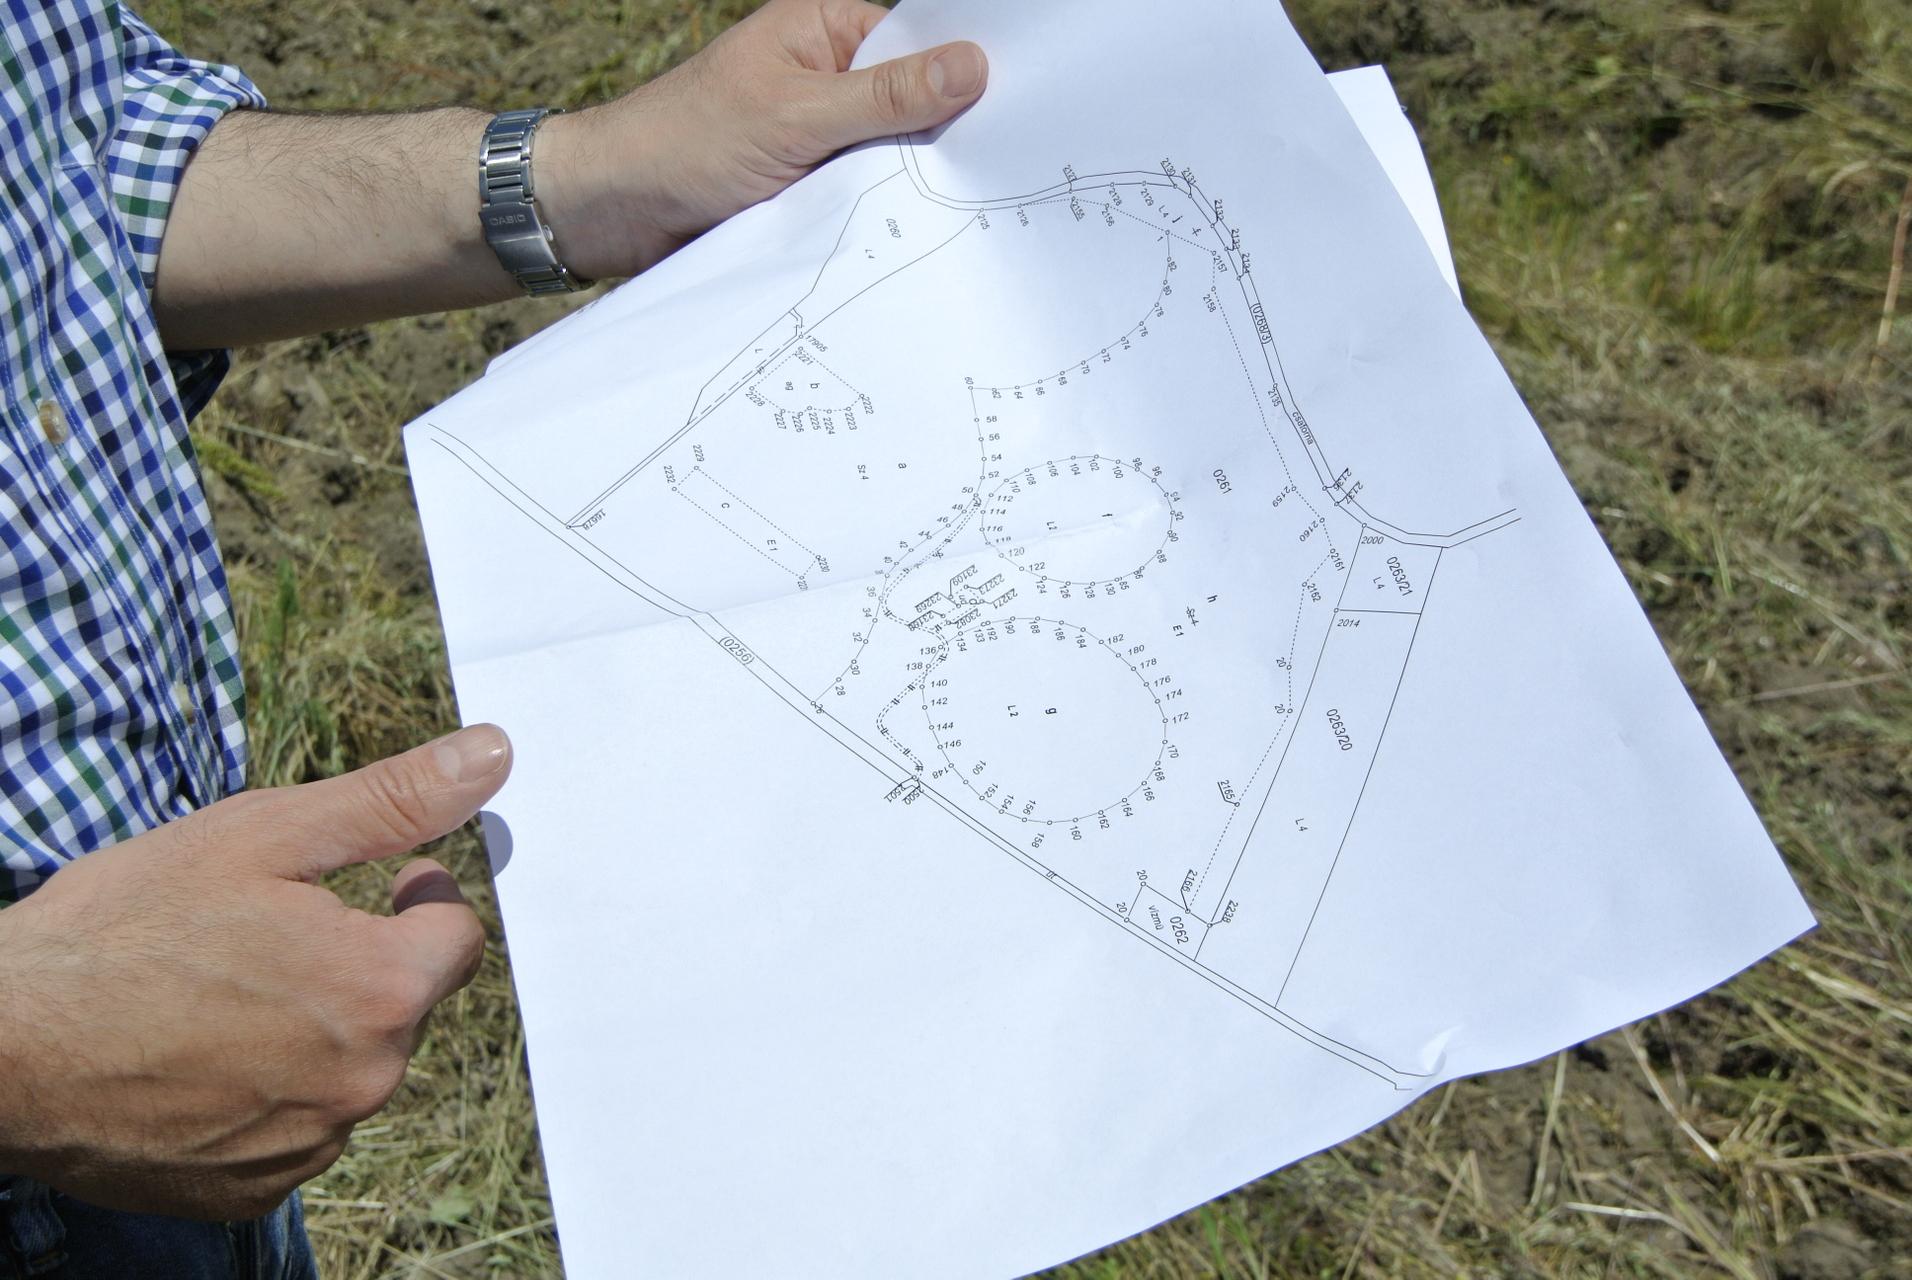 Ősszel indul Gyula város déli külterületének erdőtelepítési programja